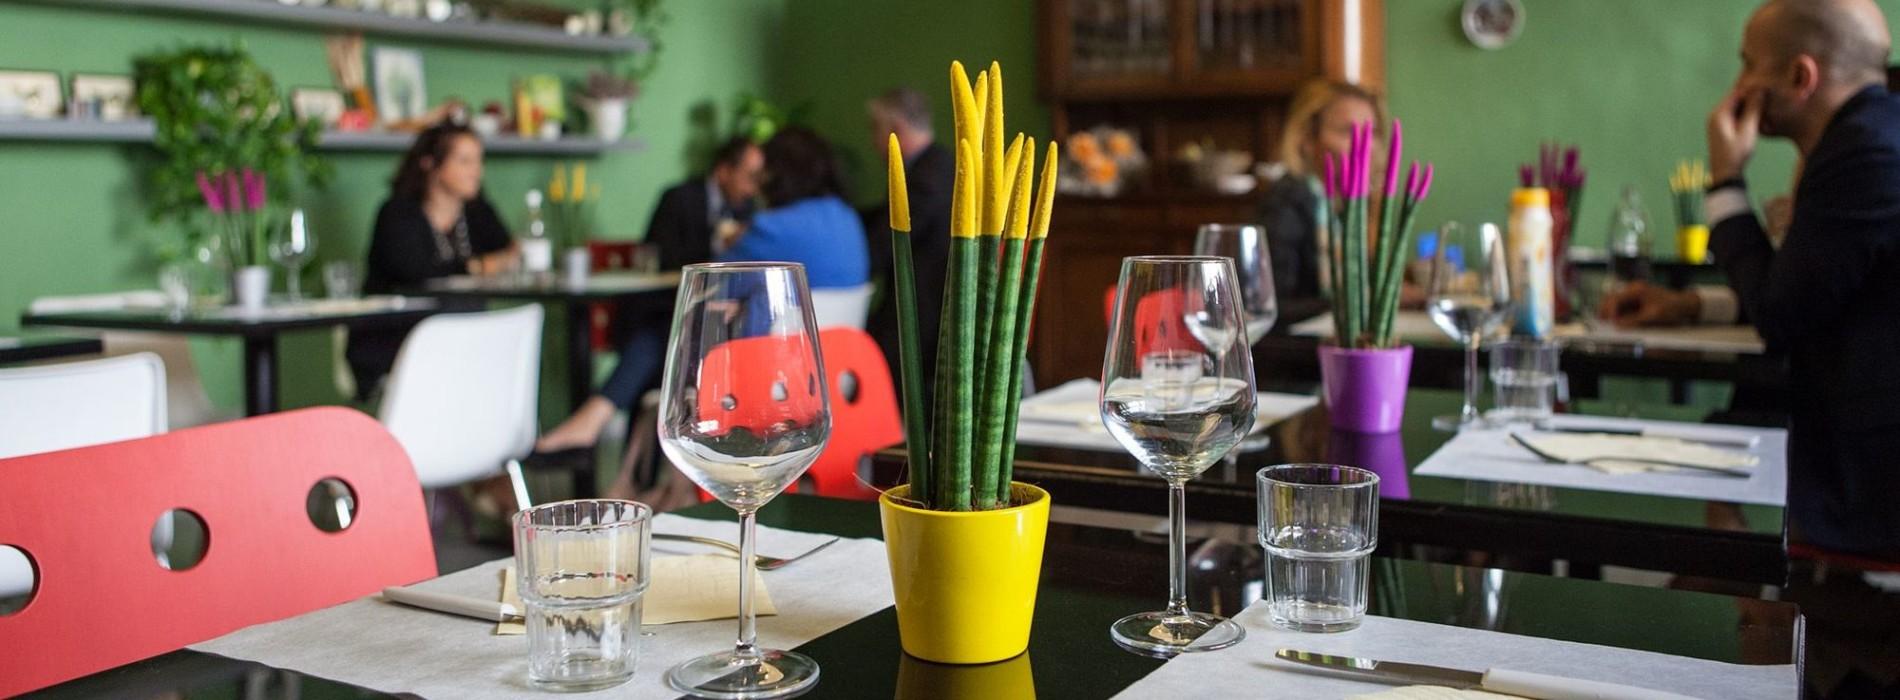 Il Quinoa a Firenze, il ristorante gluten free e bio in cornice rinascimentale